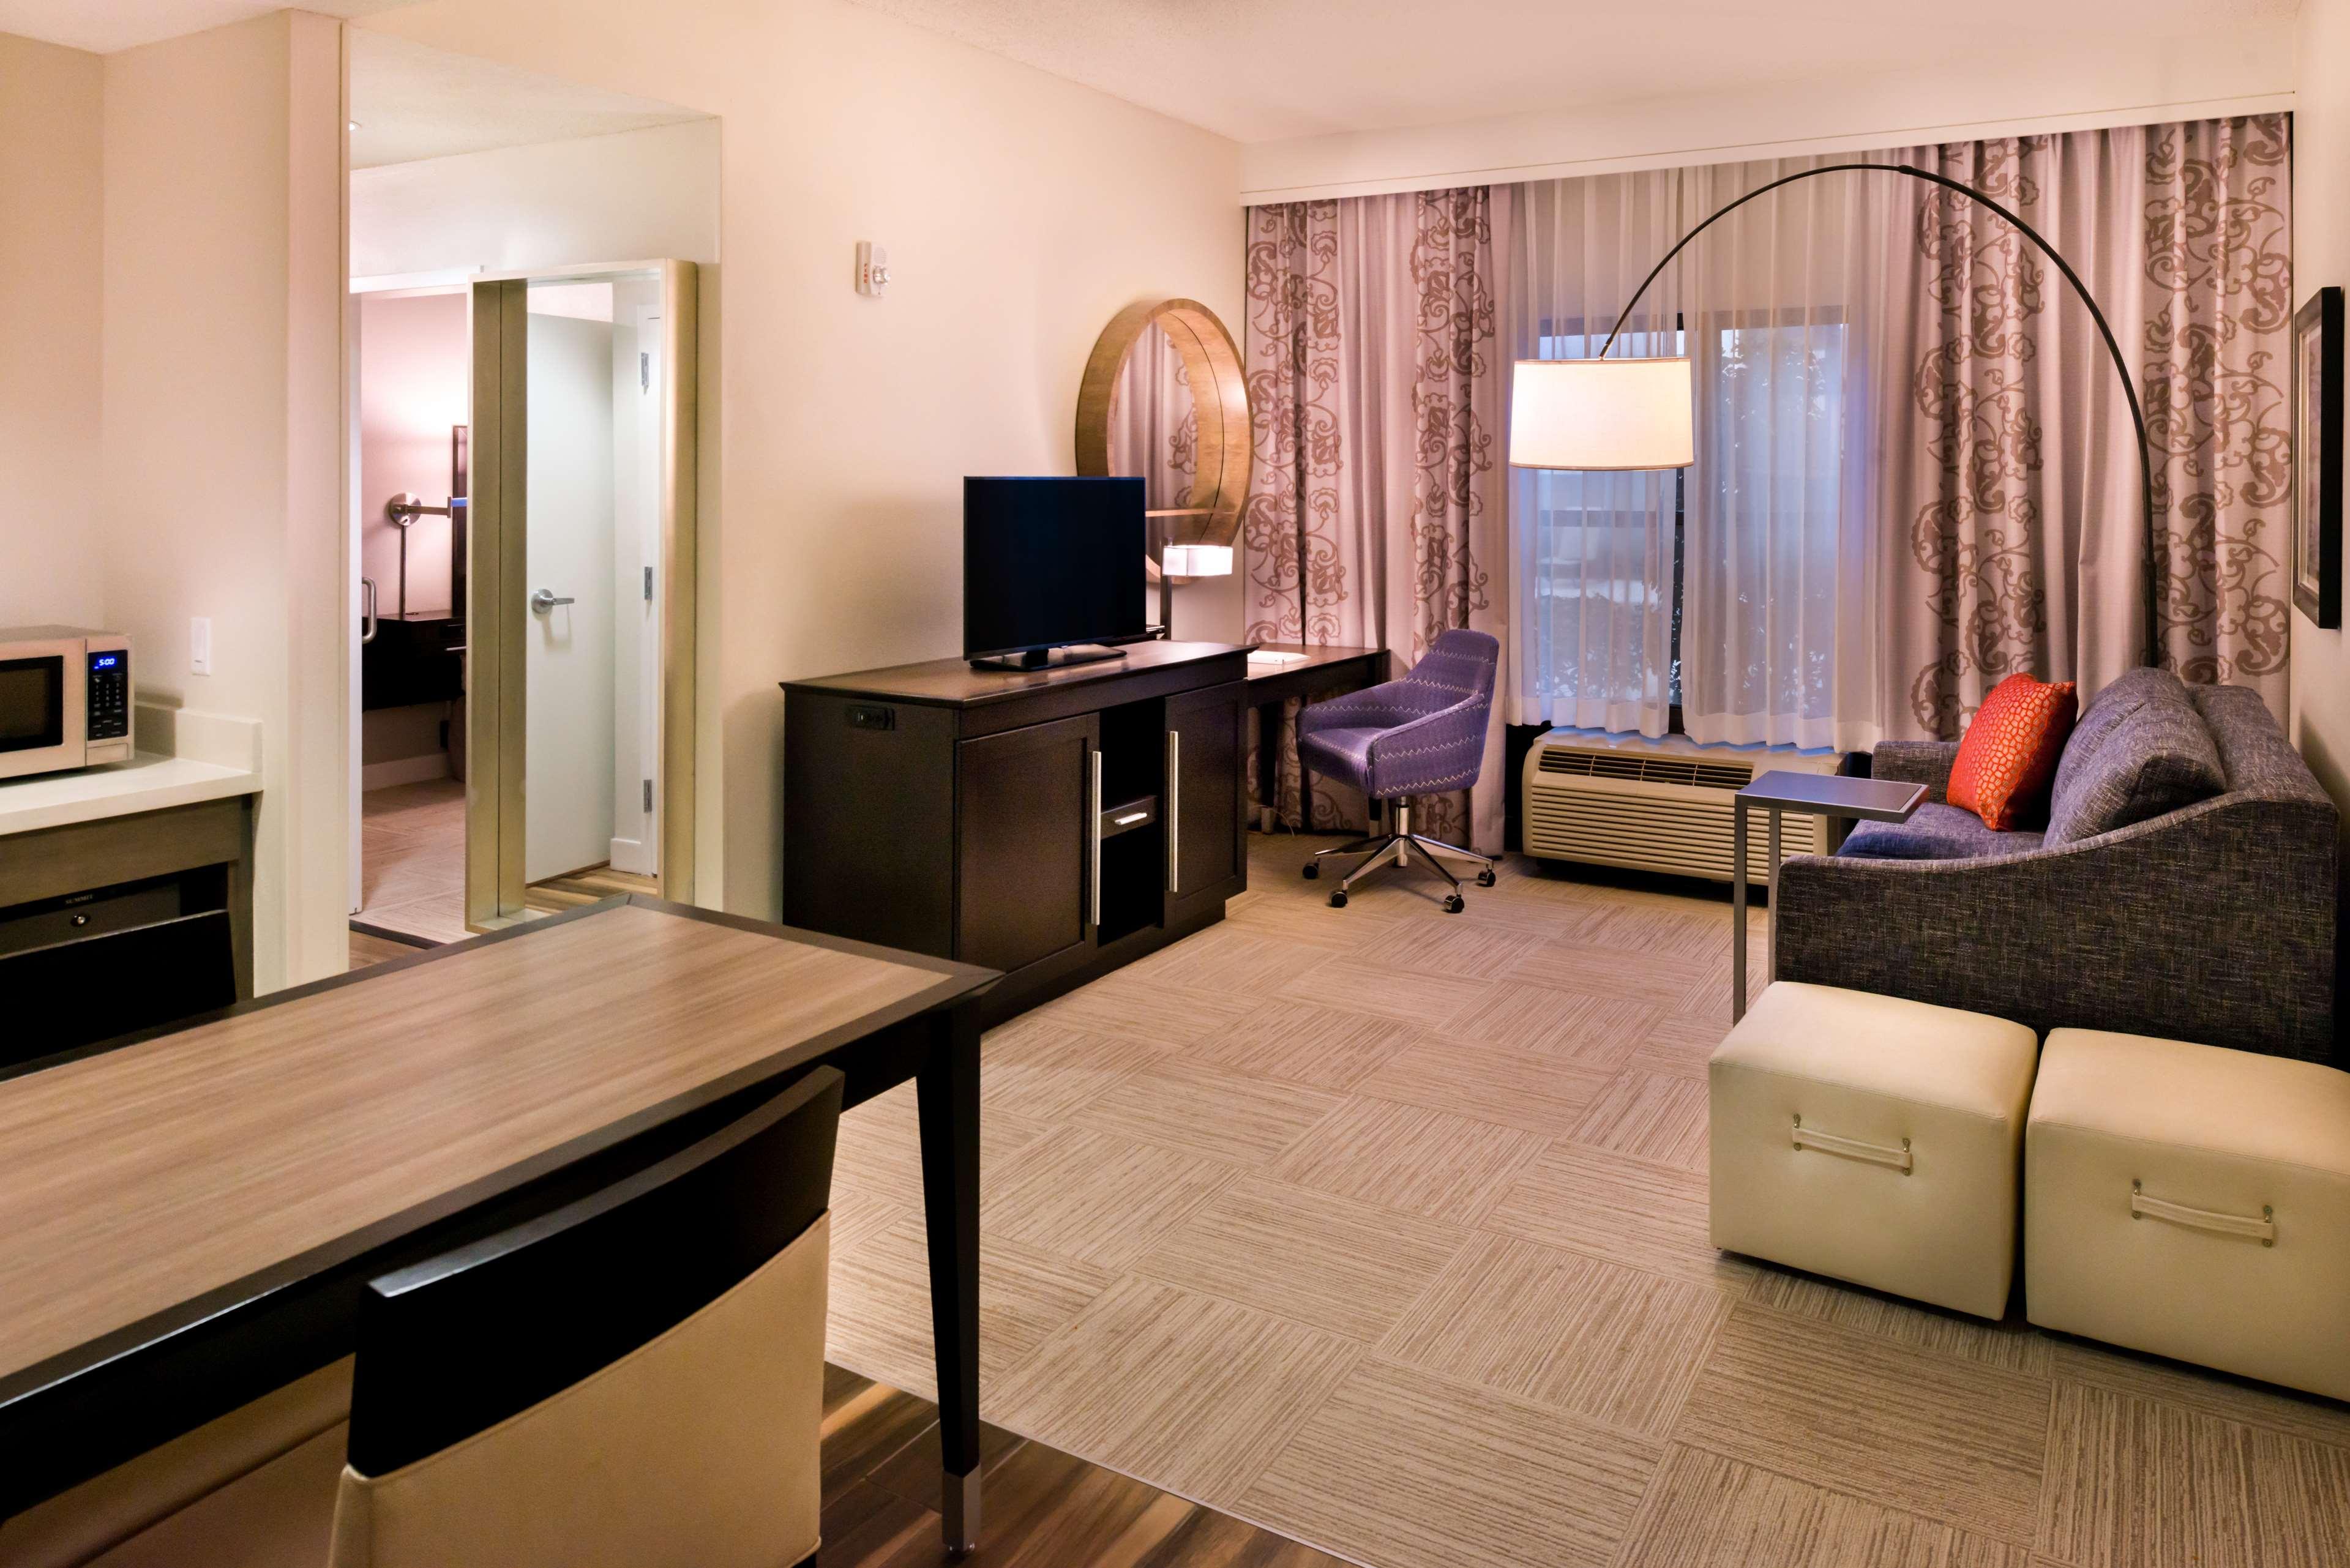 Hampton Inn & Suites Orlando/East UCF Area image 27